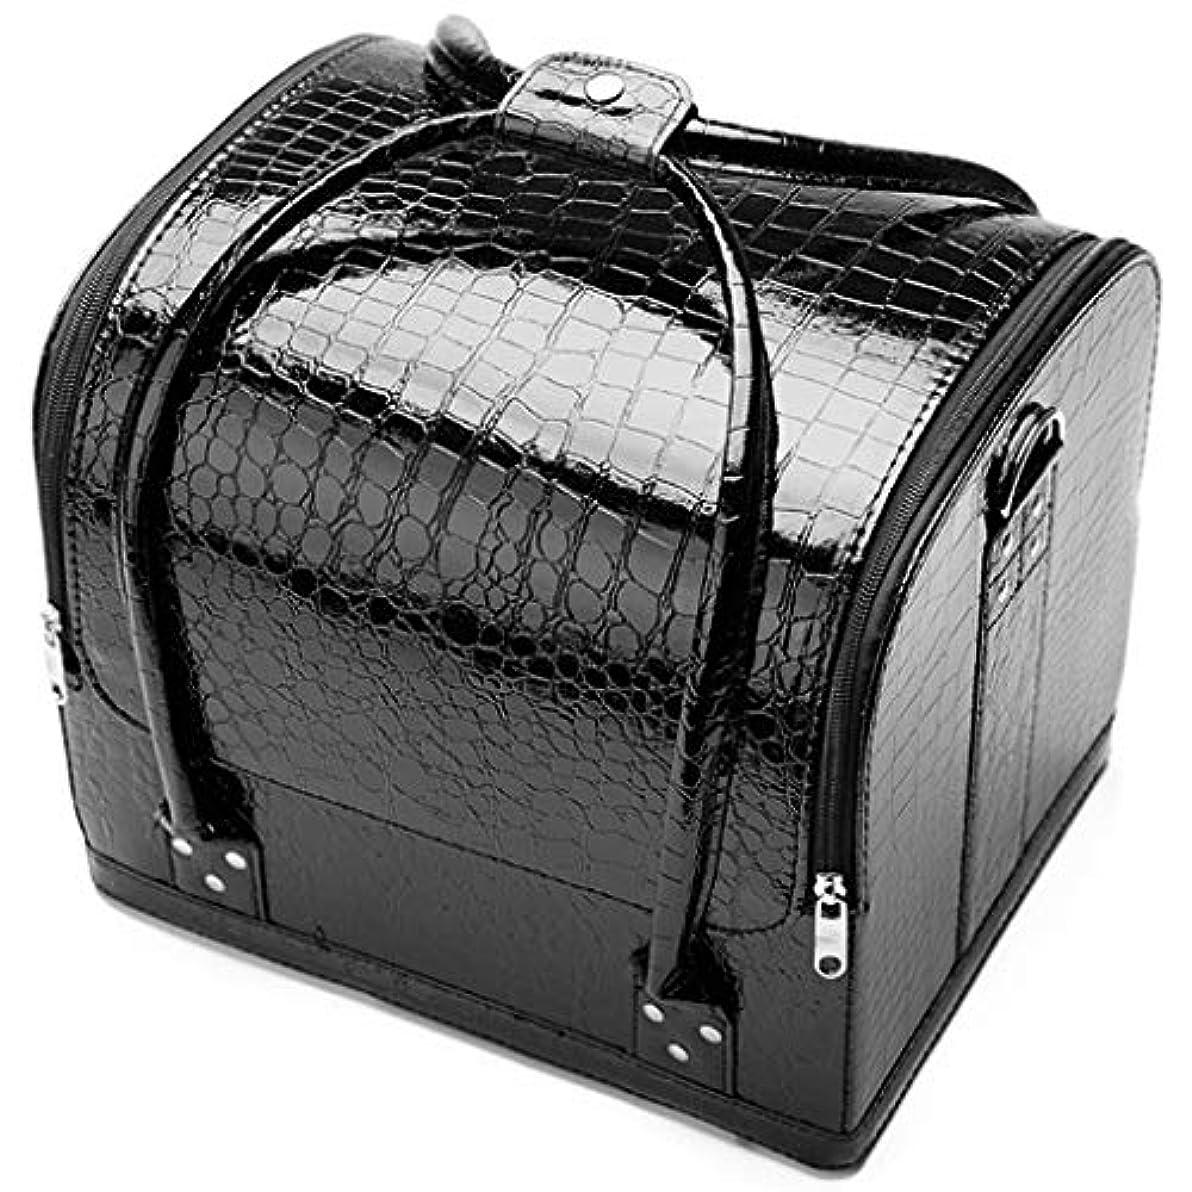 オープニング計算可能天気[テンカ] メイクボックス コスメボックス 黒 ネイリストバッグ 化粧箱 収納ケース 収納ボックス 防水 洗える 化粧品?化粧道具入れ 自宅?出張?旅行?アウトドア撮影 プロ用 大容量 多機能